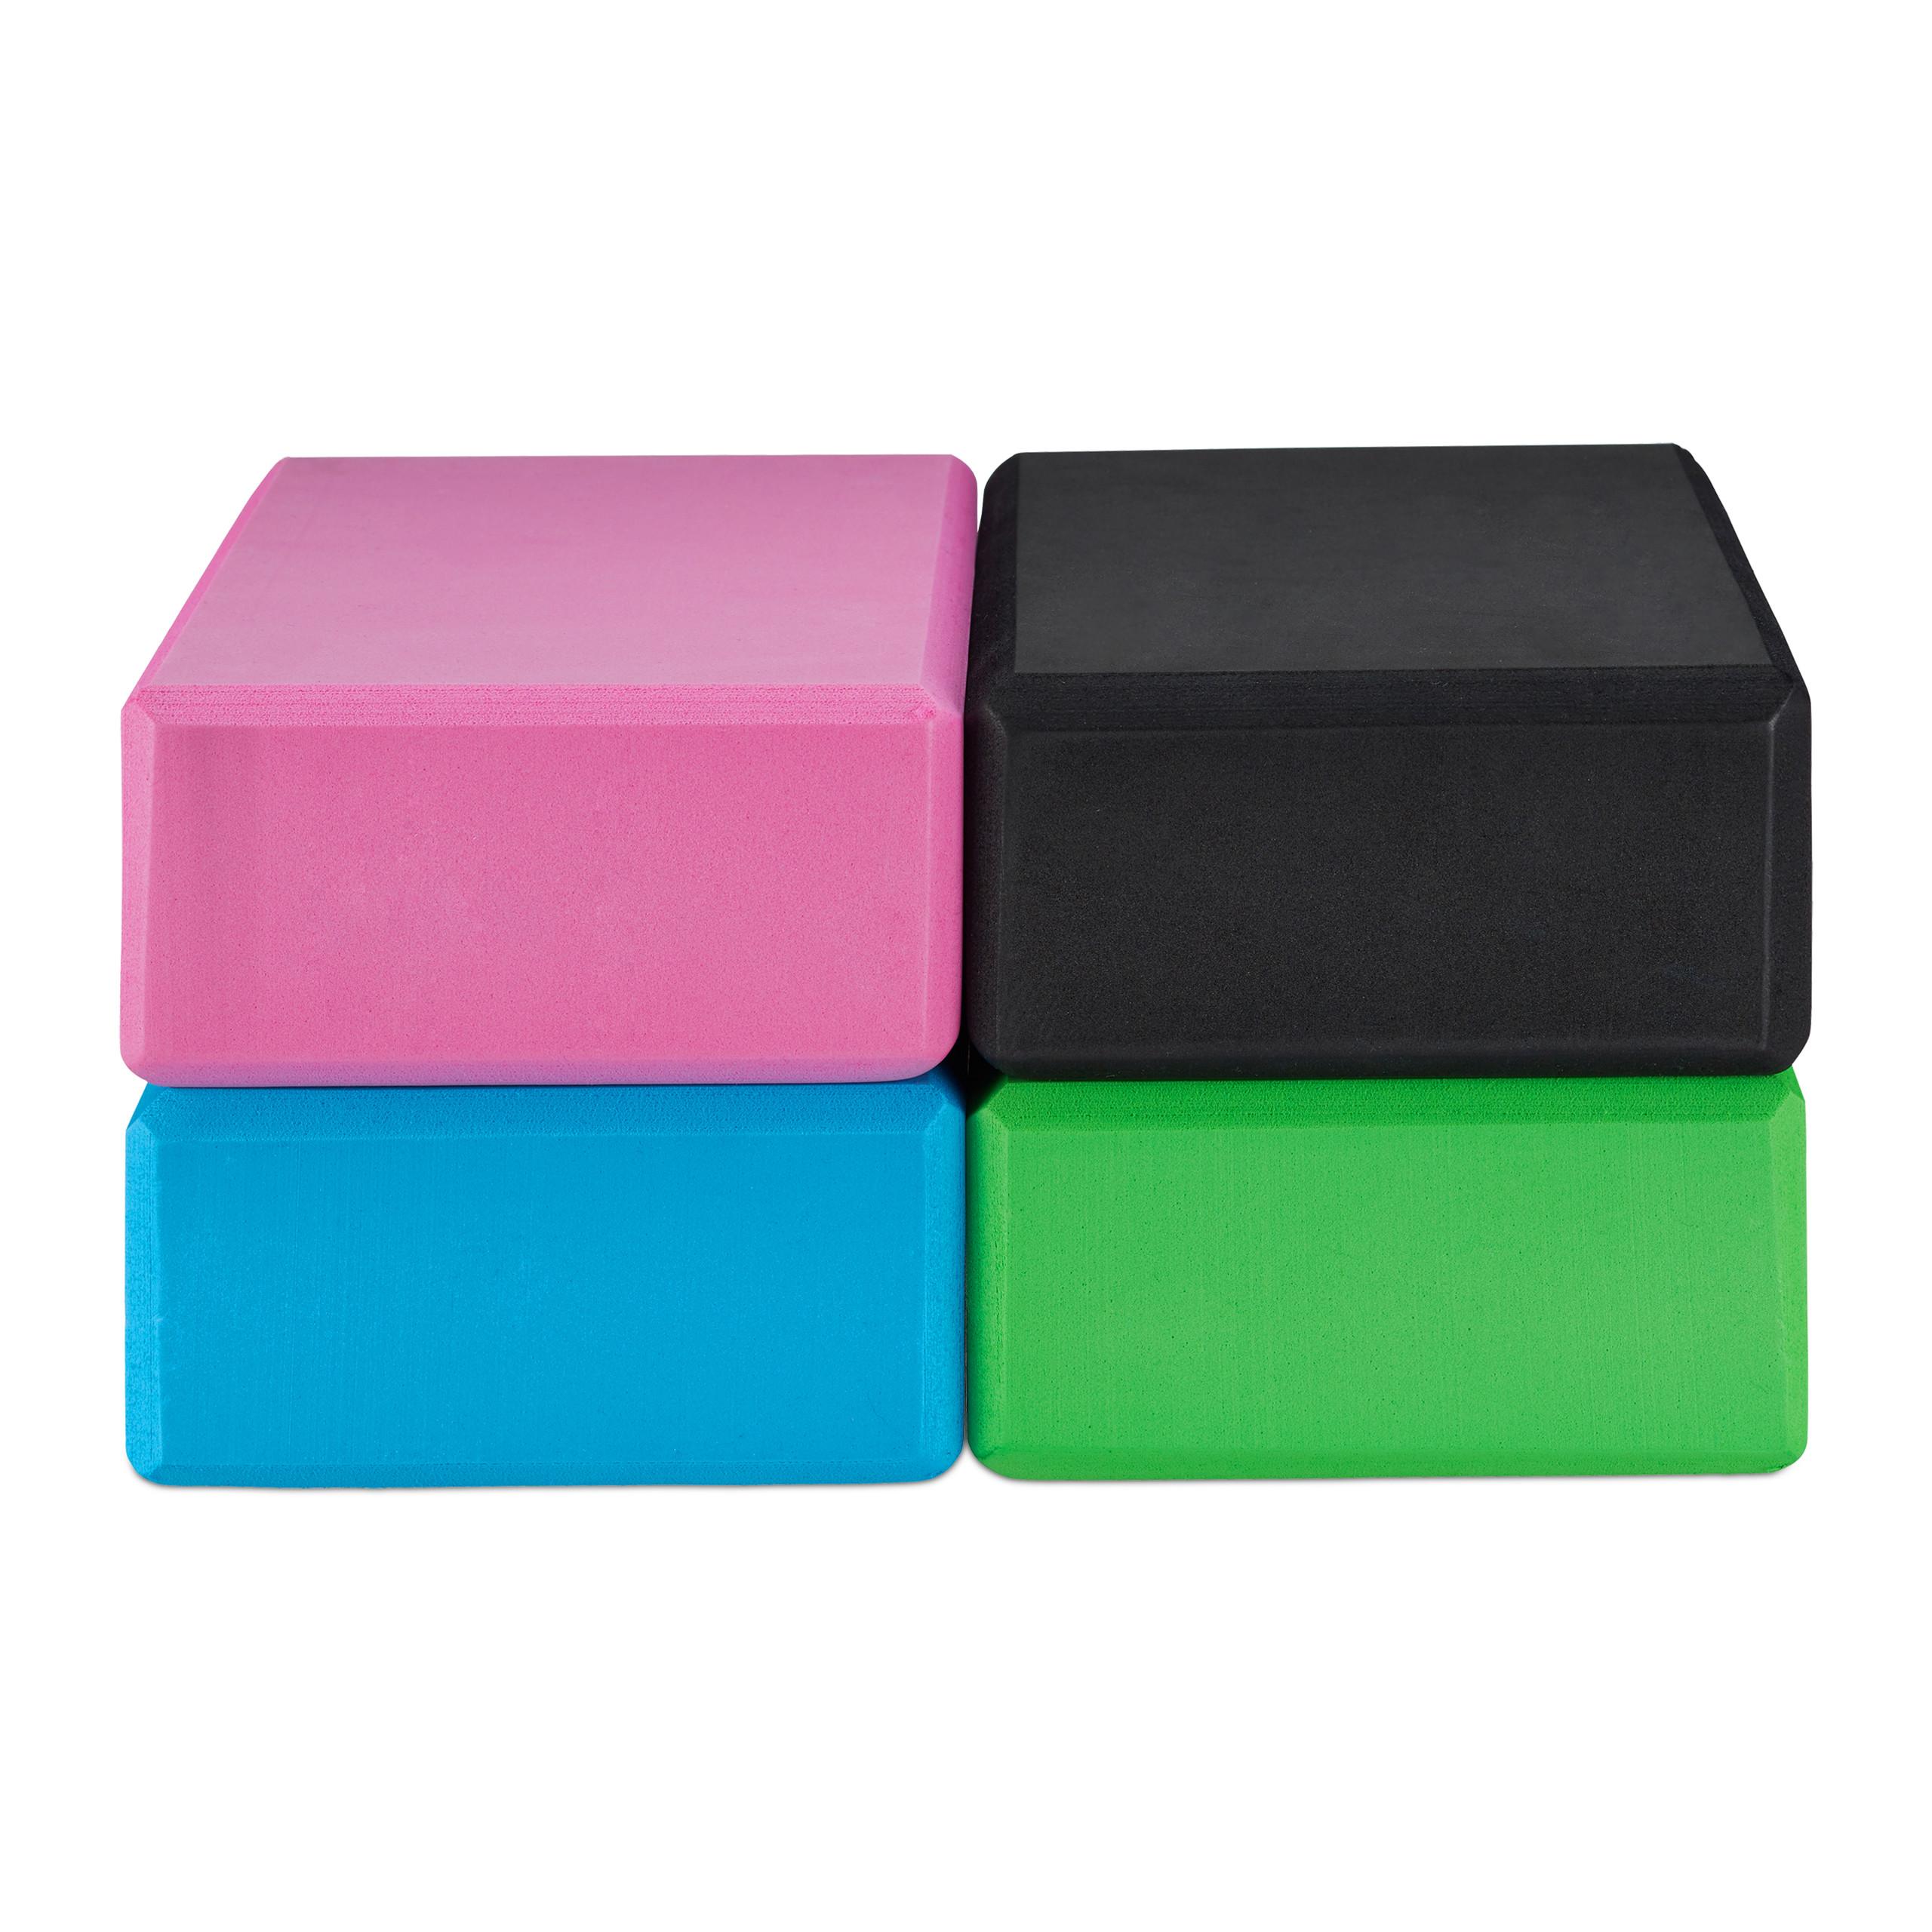 Pack-de-2-bloques-yoga-de-gomaespuma-Tacos-yoga-en-varios-colores-Ladrillos-yoga miniatura 23